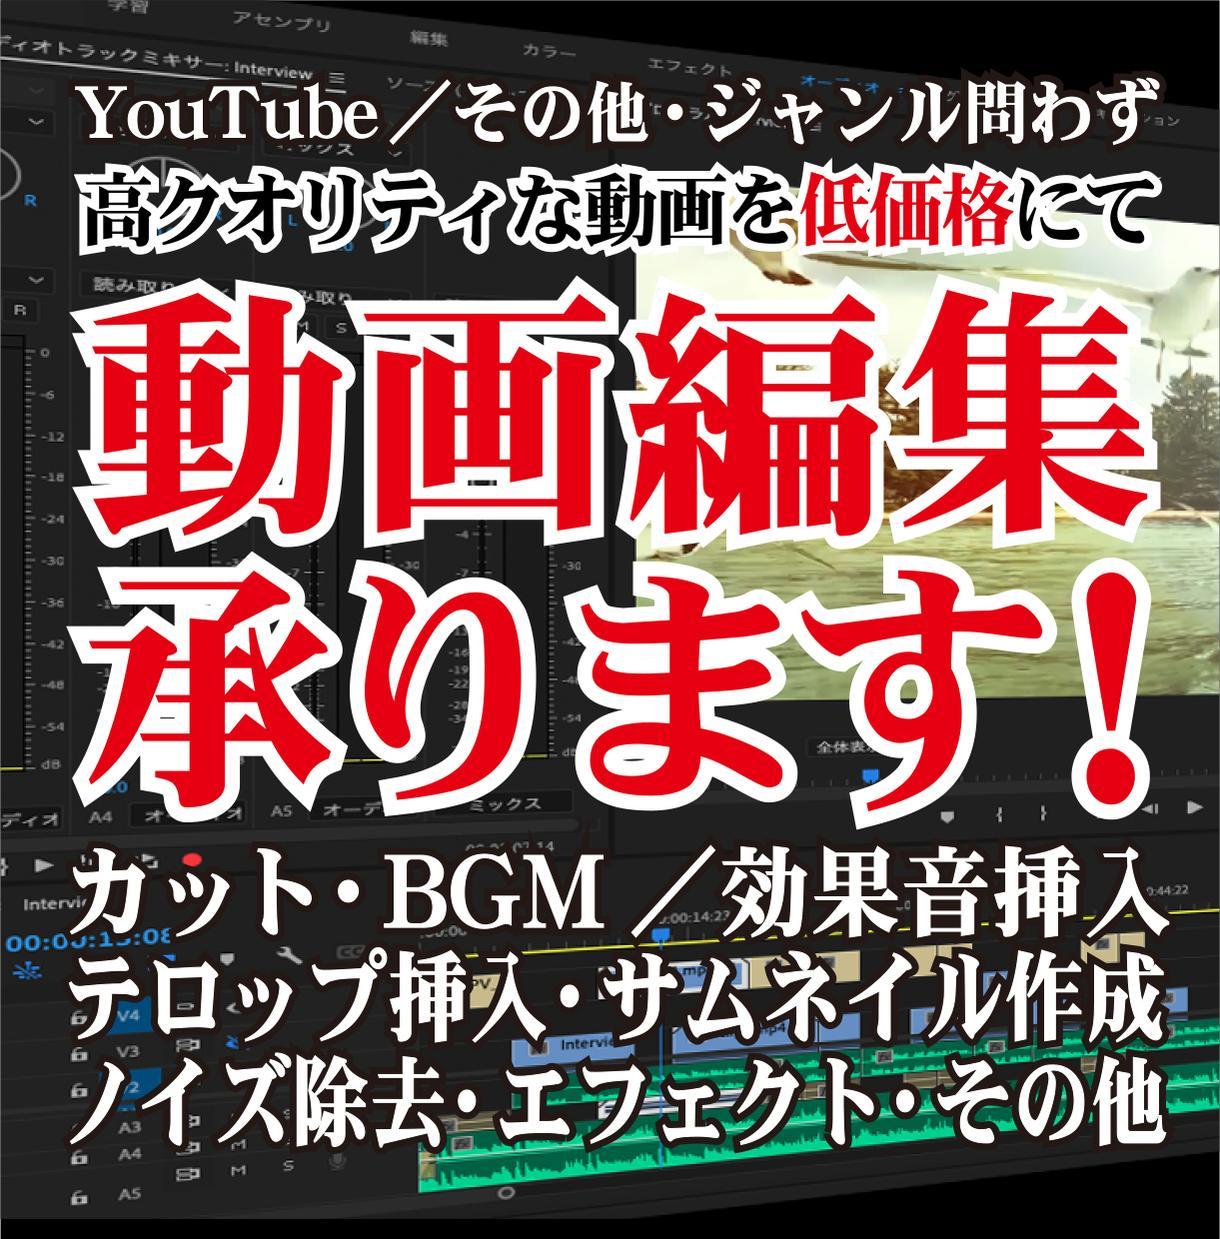 高品質な動画編集を低価格にて!動画編集を承ります Youtube向け・商品PR・結婚式動画等、全ジャンル対応! イメージ1